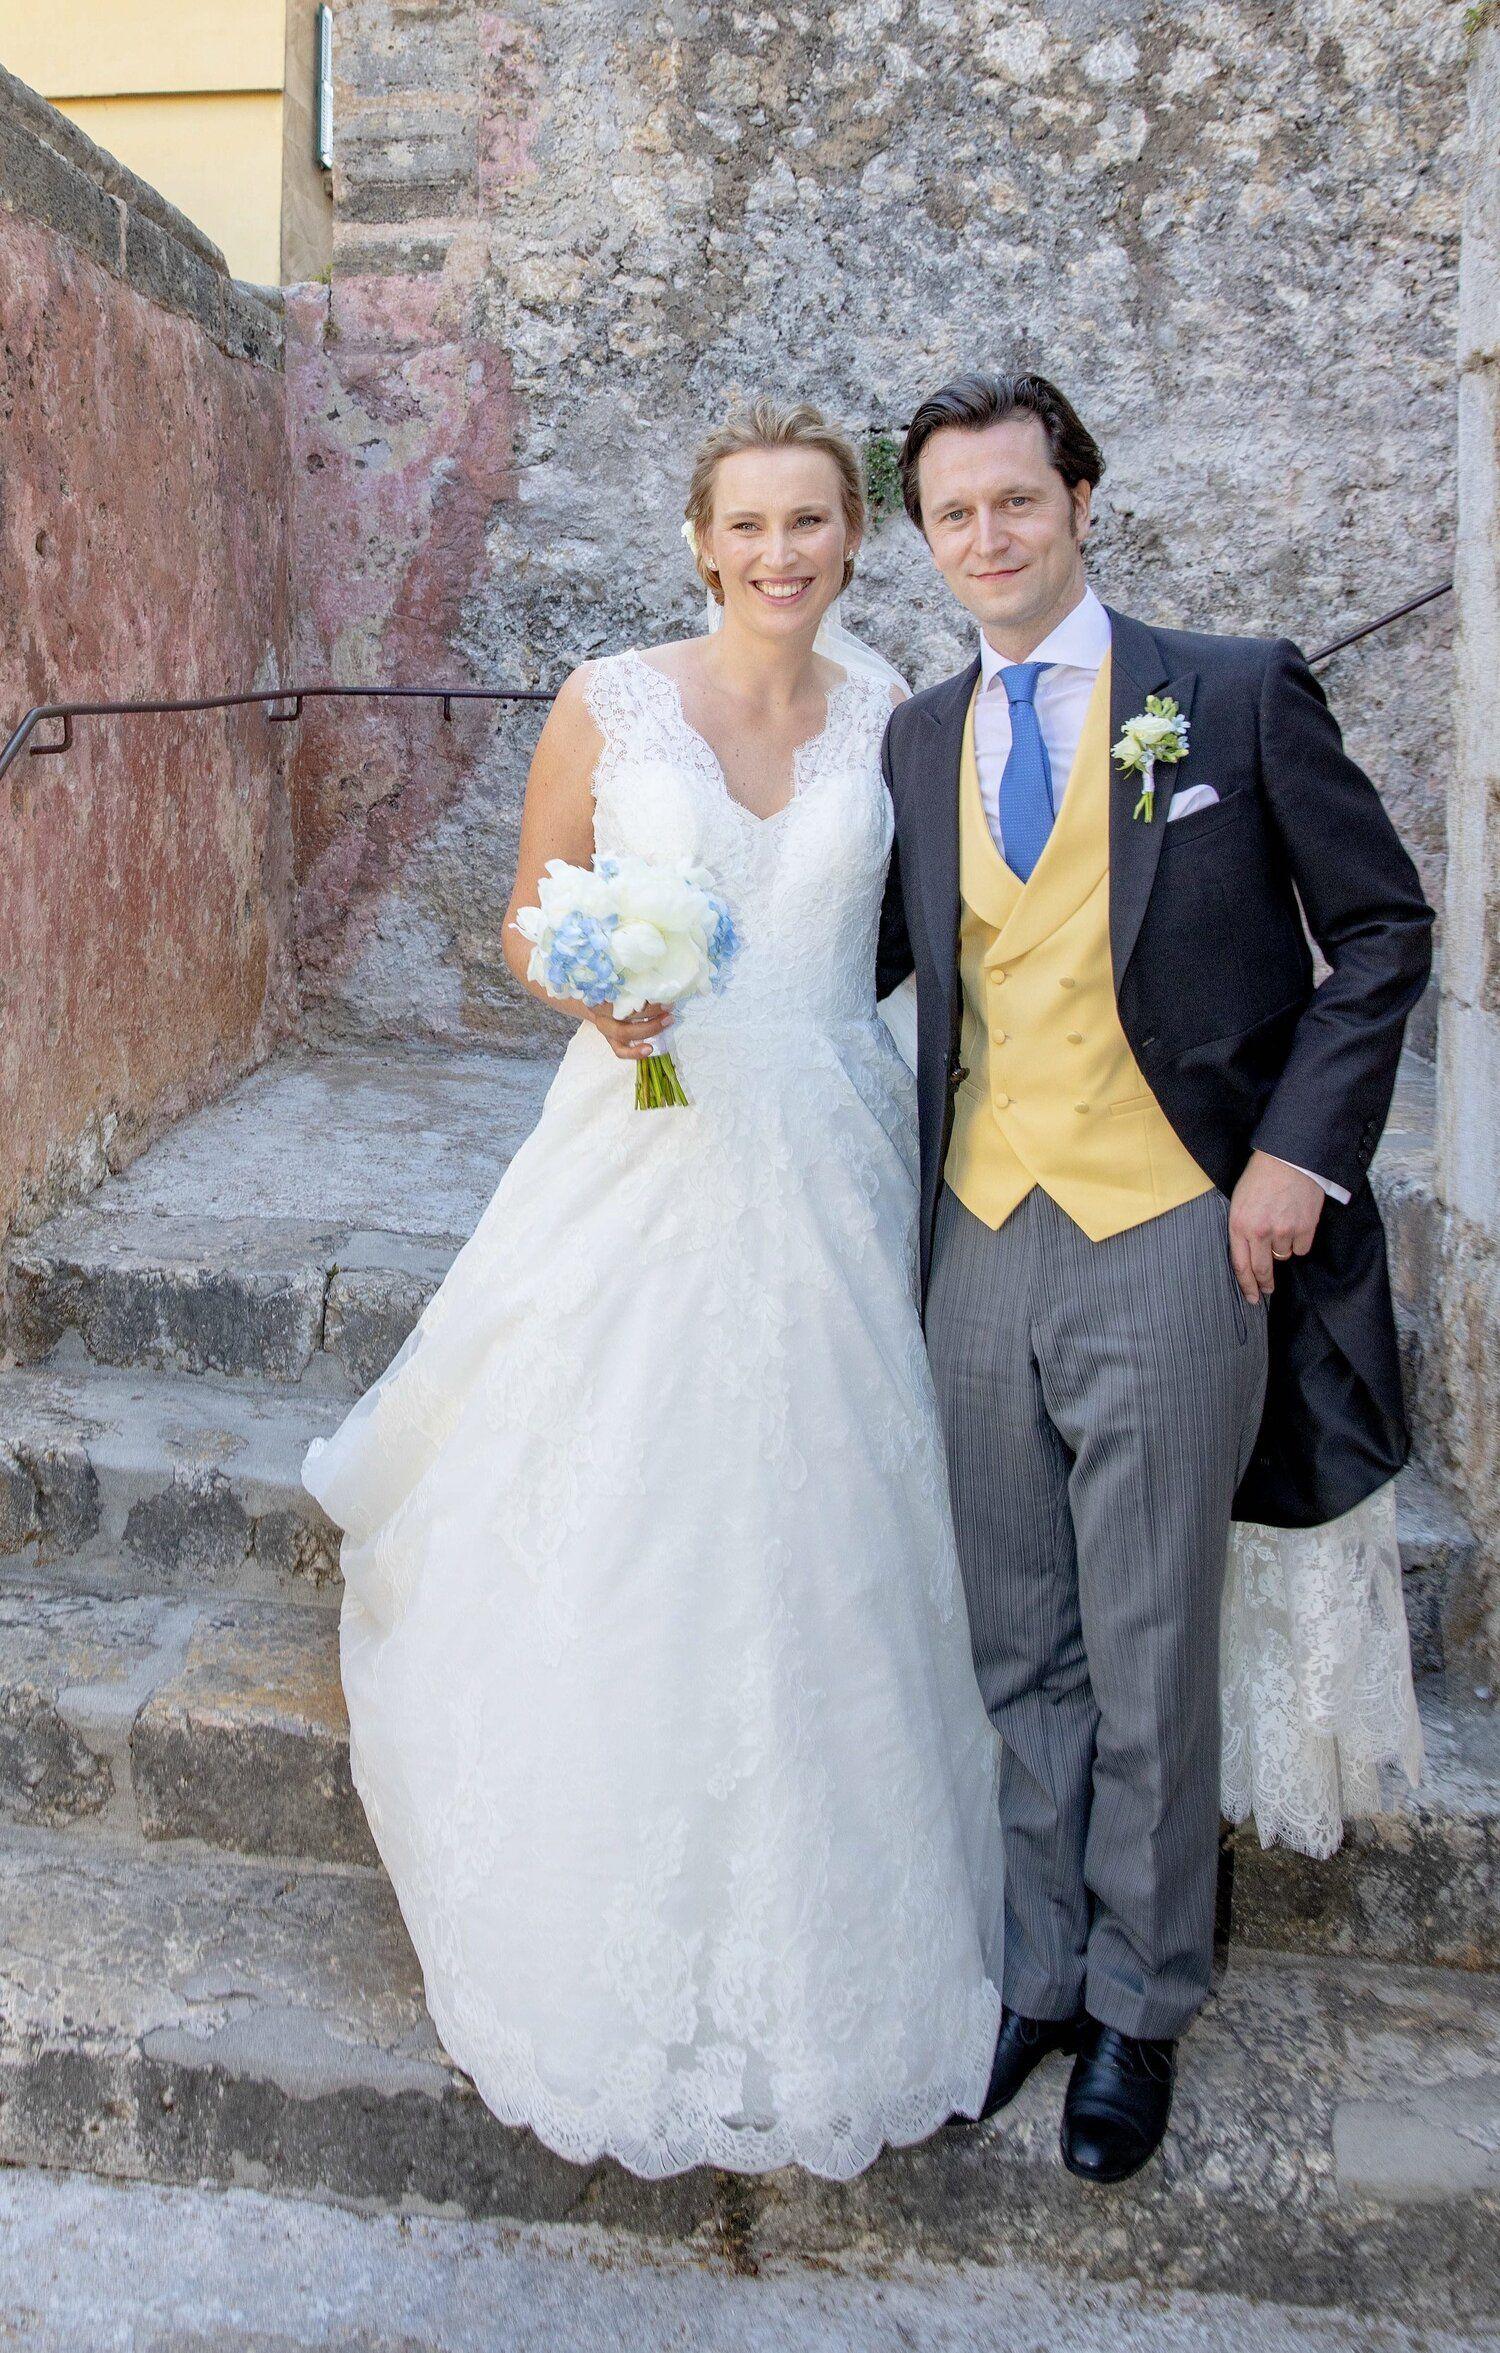 Royals Die Schonsten Hochzeiten 2019 Royale Hochzeiten Hochzeit Kleid Hochzeit